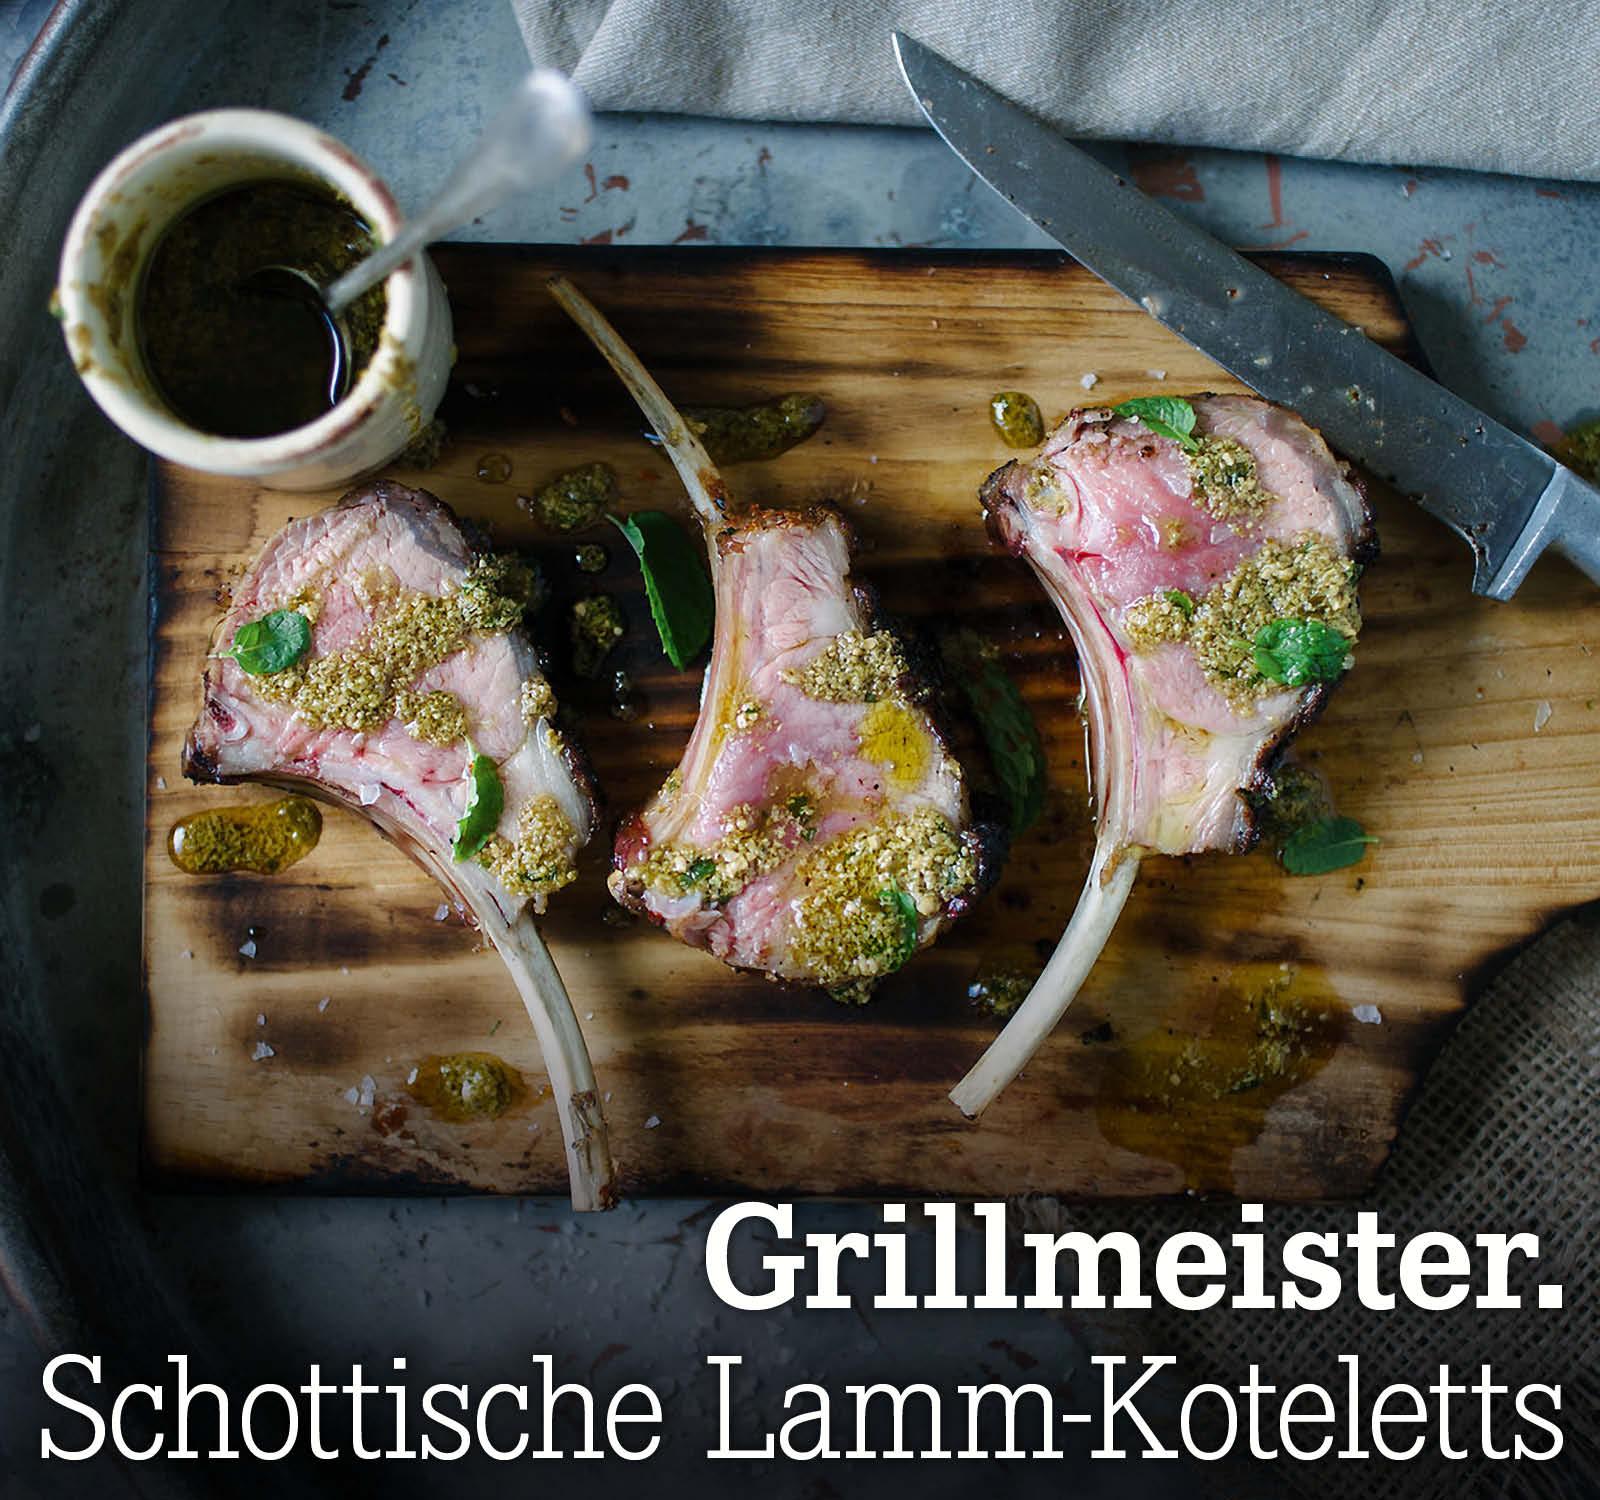 Grillmeister. Schottische Lamm-Koteletts